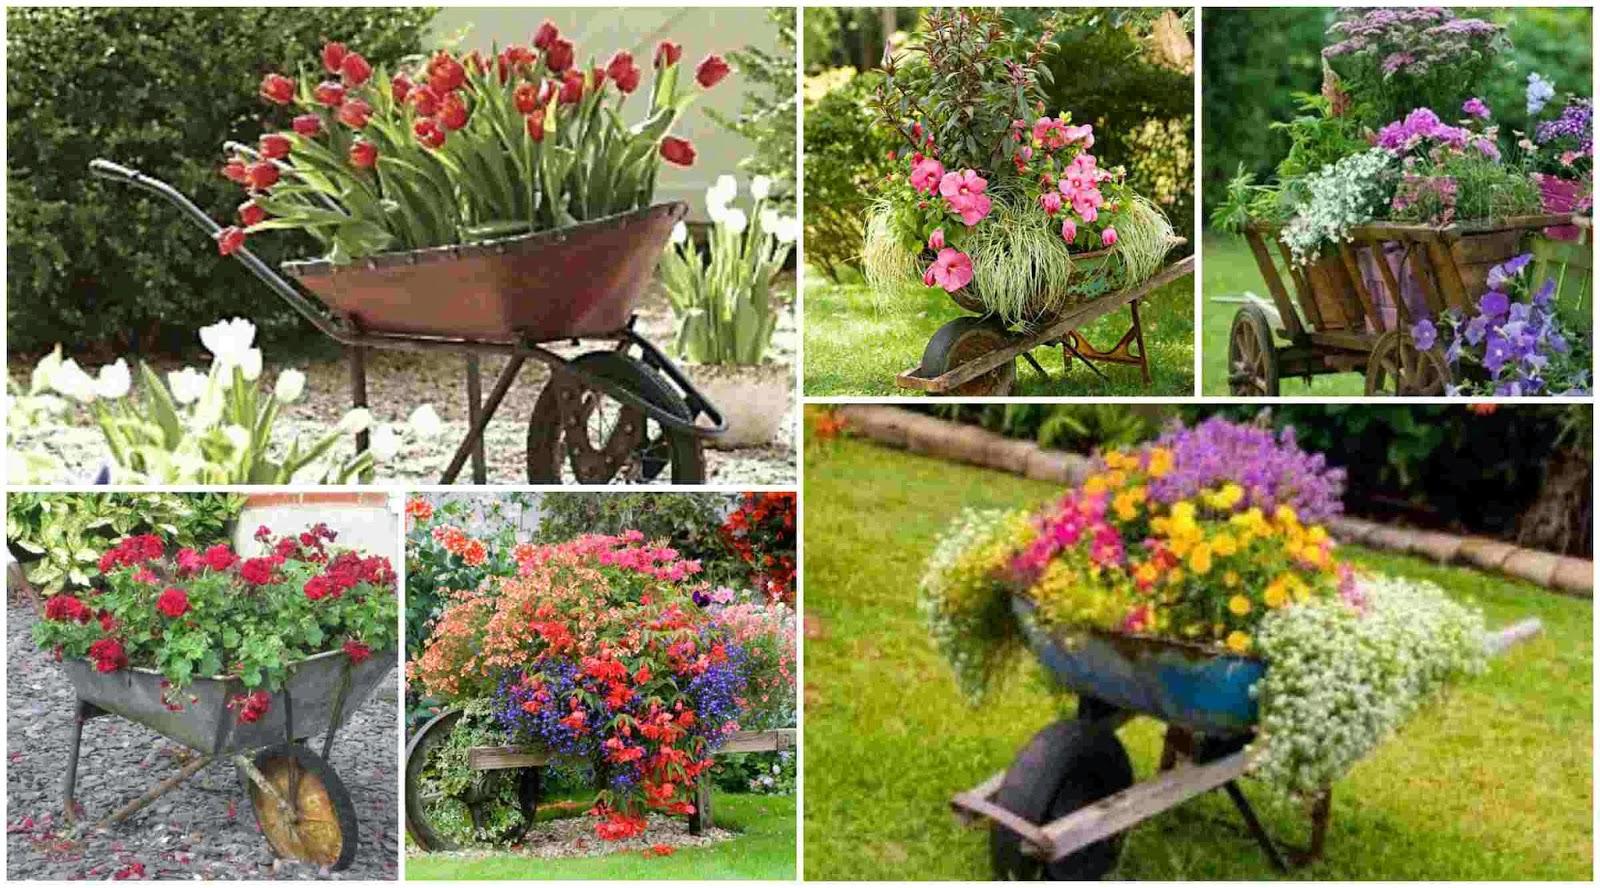 Old Wheelbarrow As A Planter 15 Great Ideas Diy Fun World